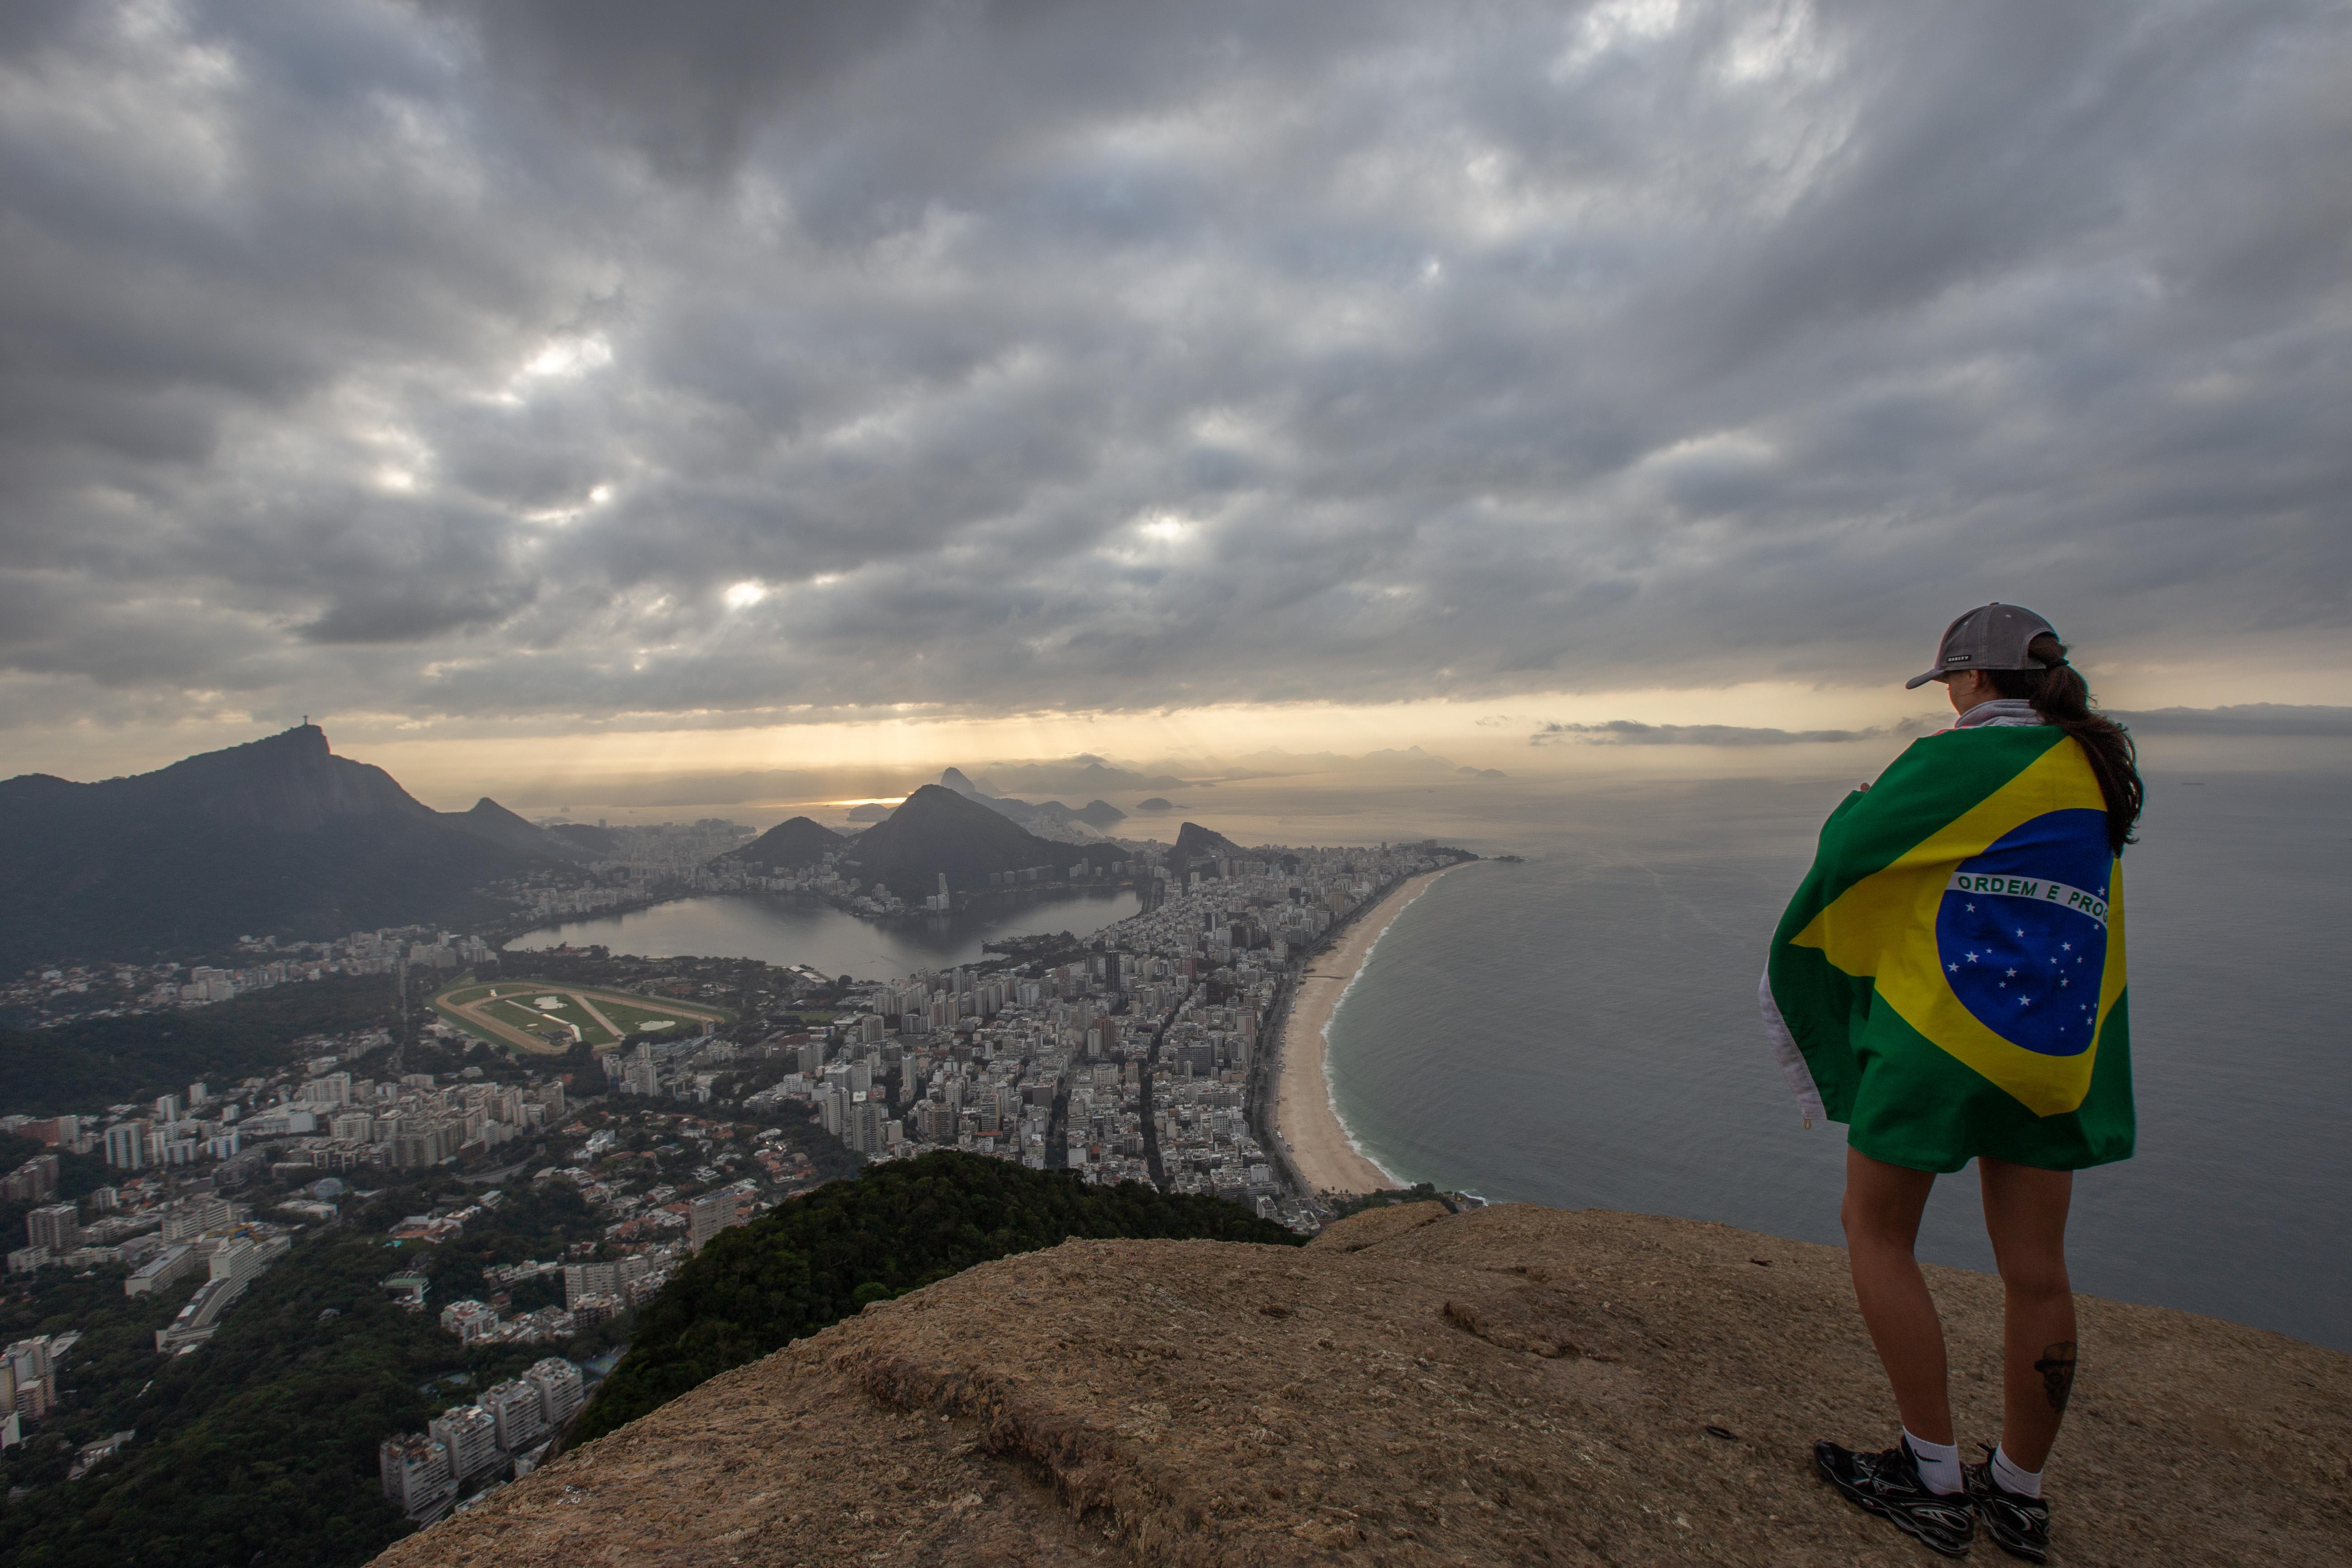 Brésil/Rio de Janeiro